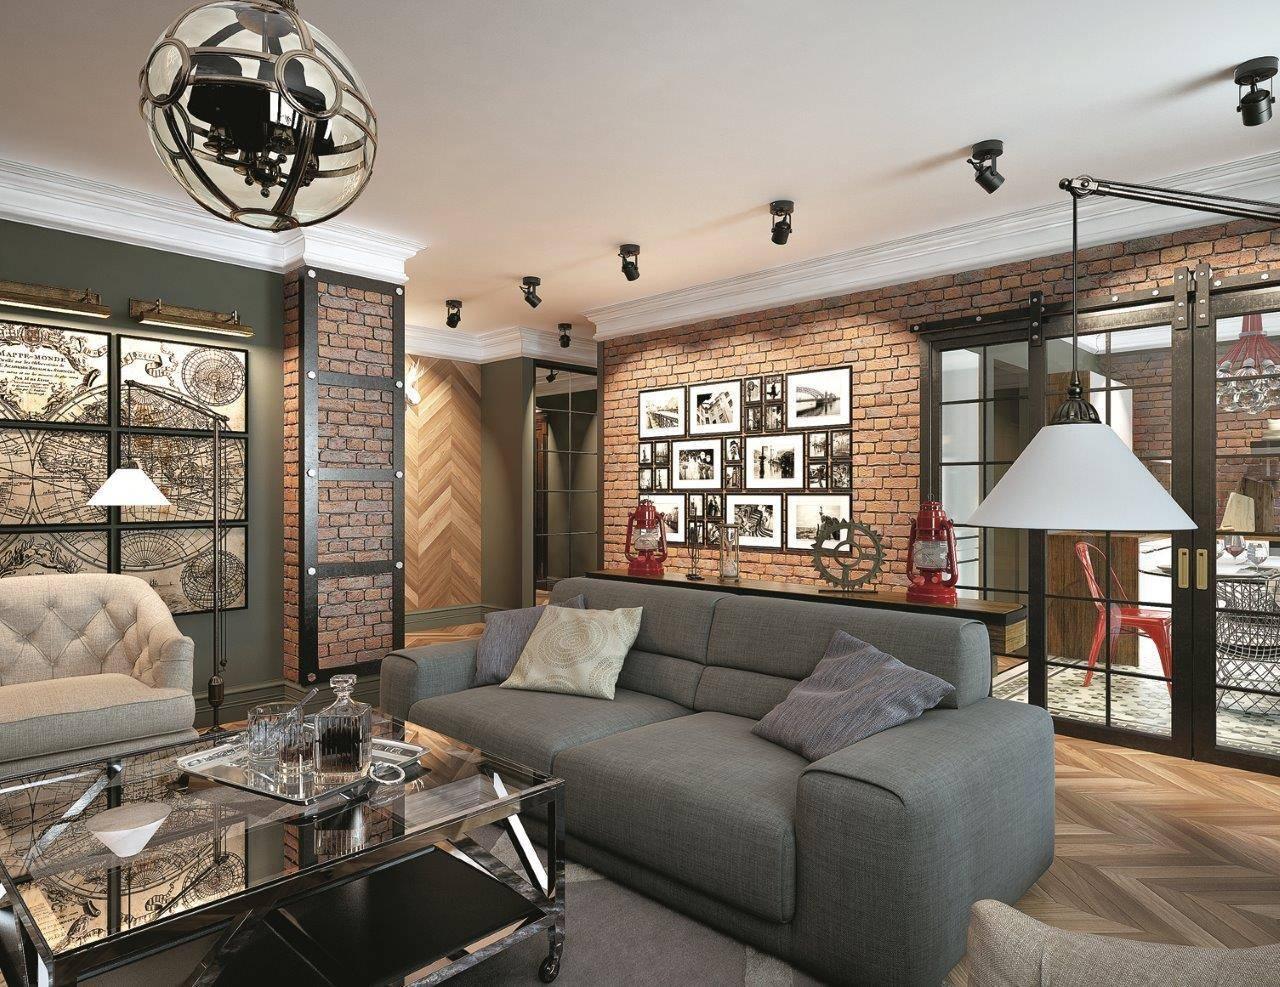 Гостиная в стиле лофт: функциональность и простота интерьера (+81 фото)